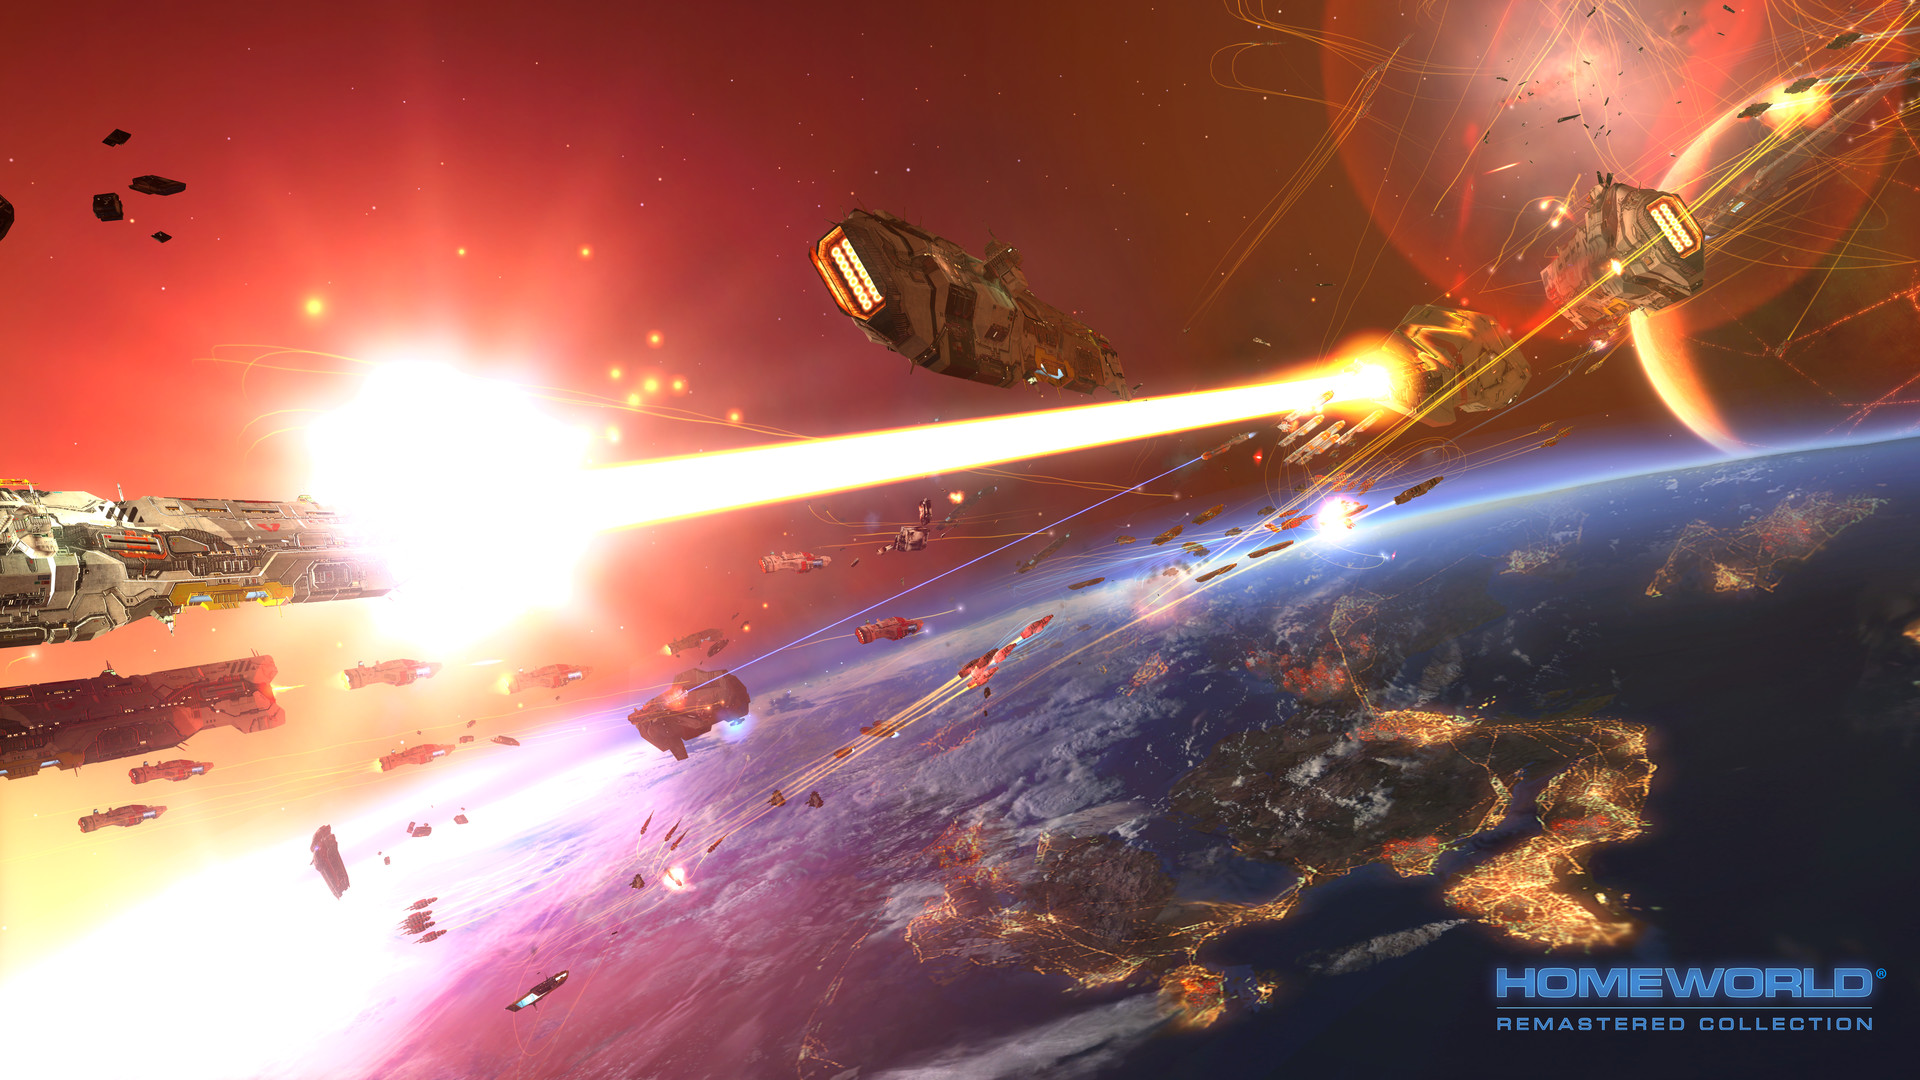 Homeworld 2 Remastered, trailer de la historia [Ahora en gloriosa alta definición]